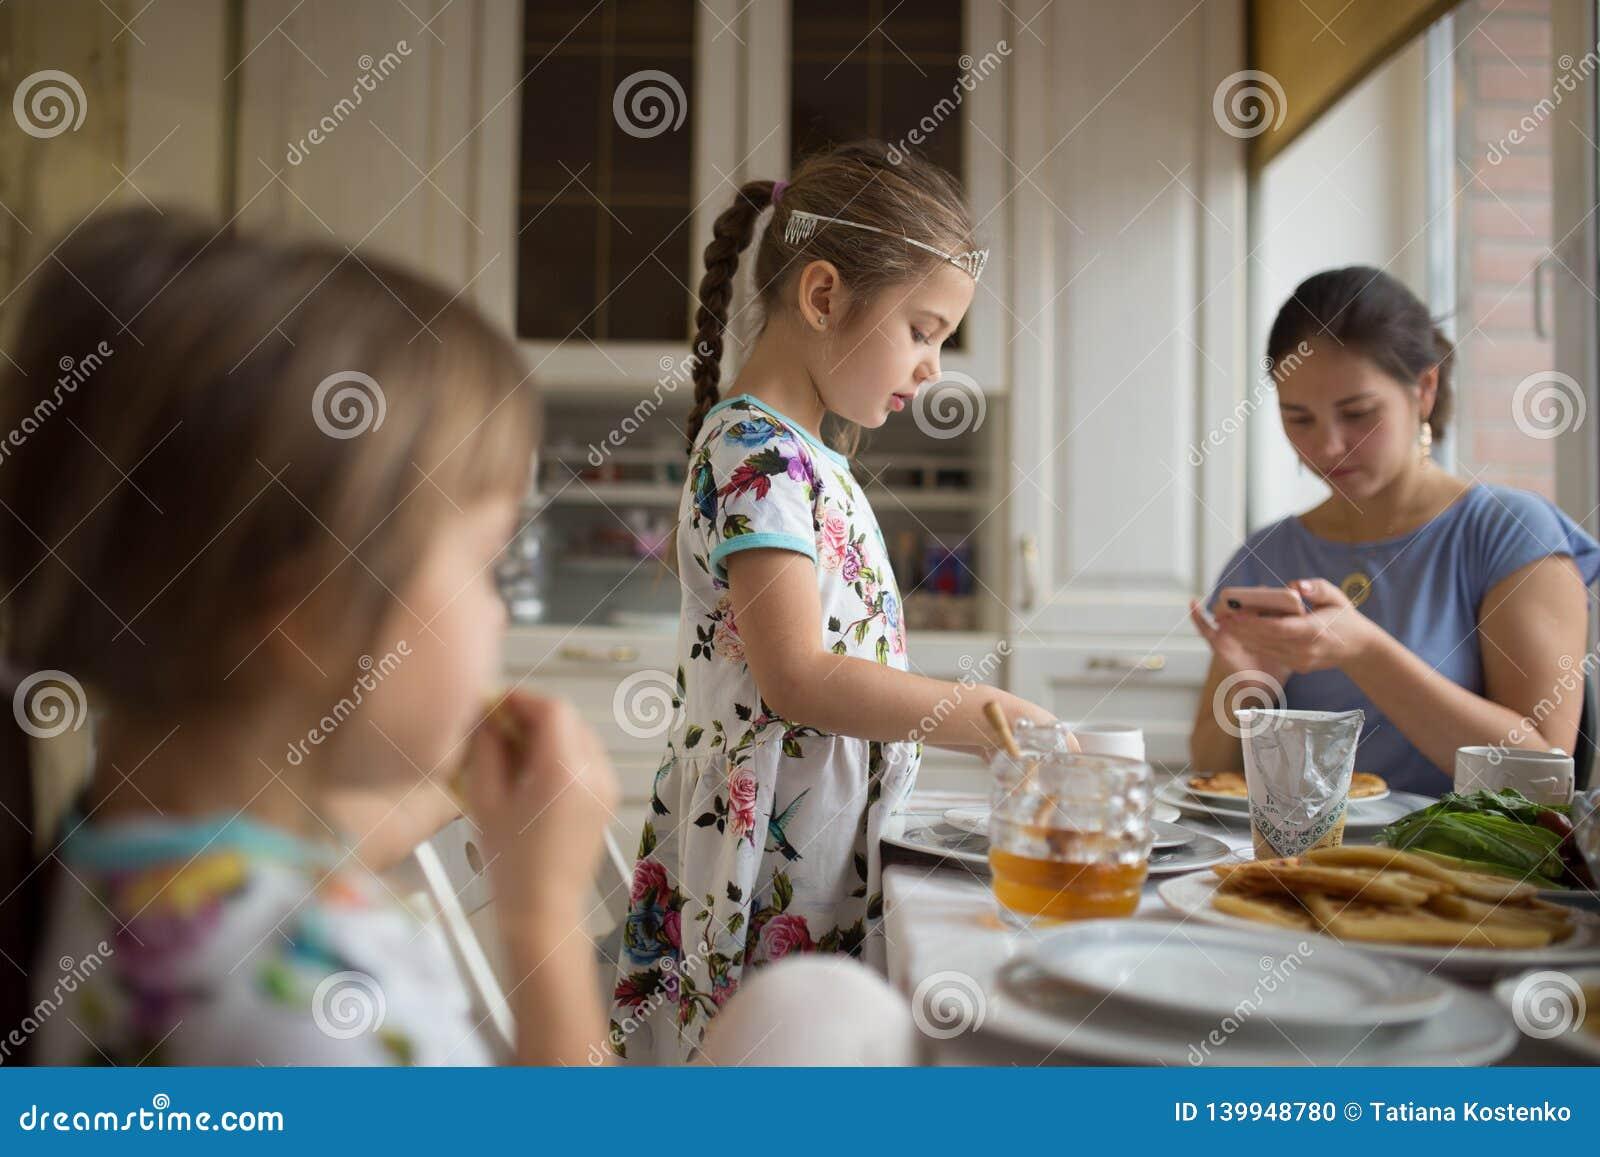 Jeune mère de soin et ses deux petites filles mangeant des crêpes avec du miel au petit déjeuner dans la cuisine confortable